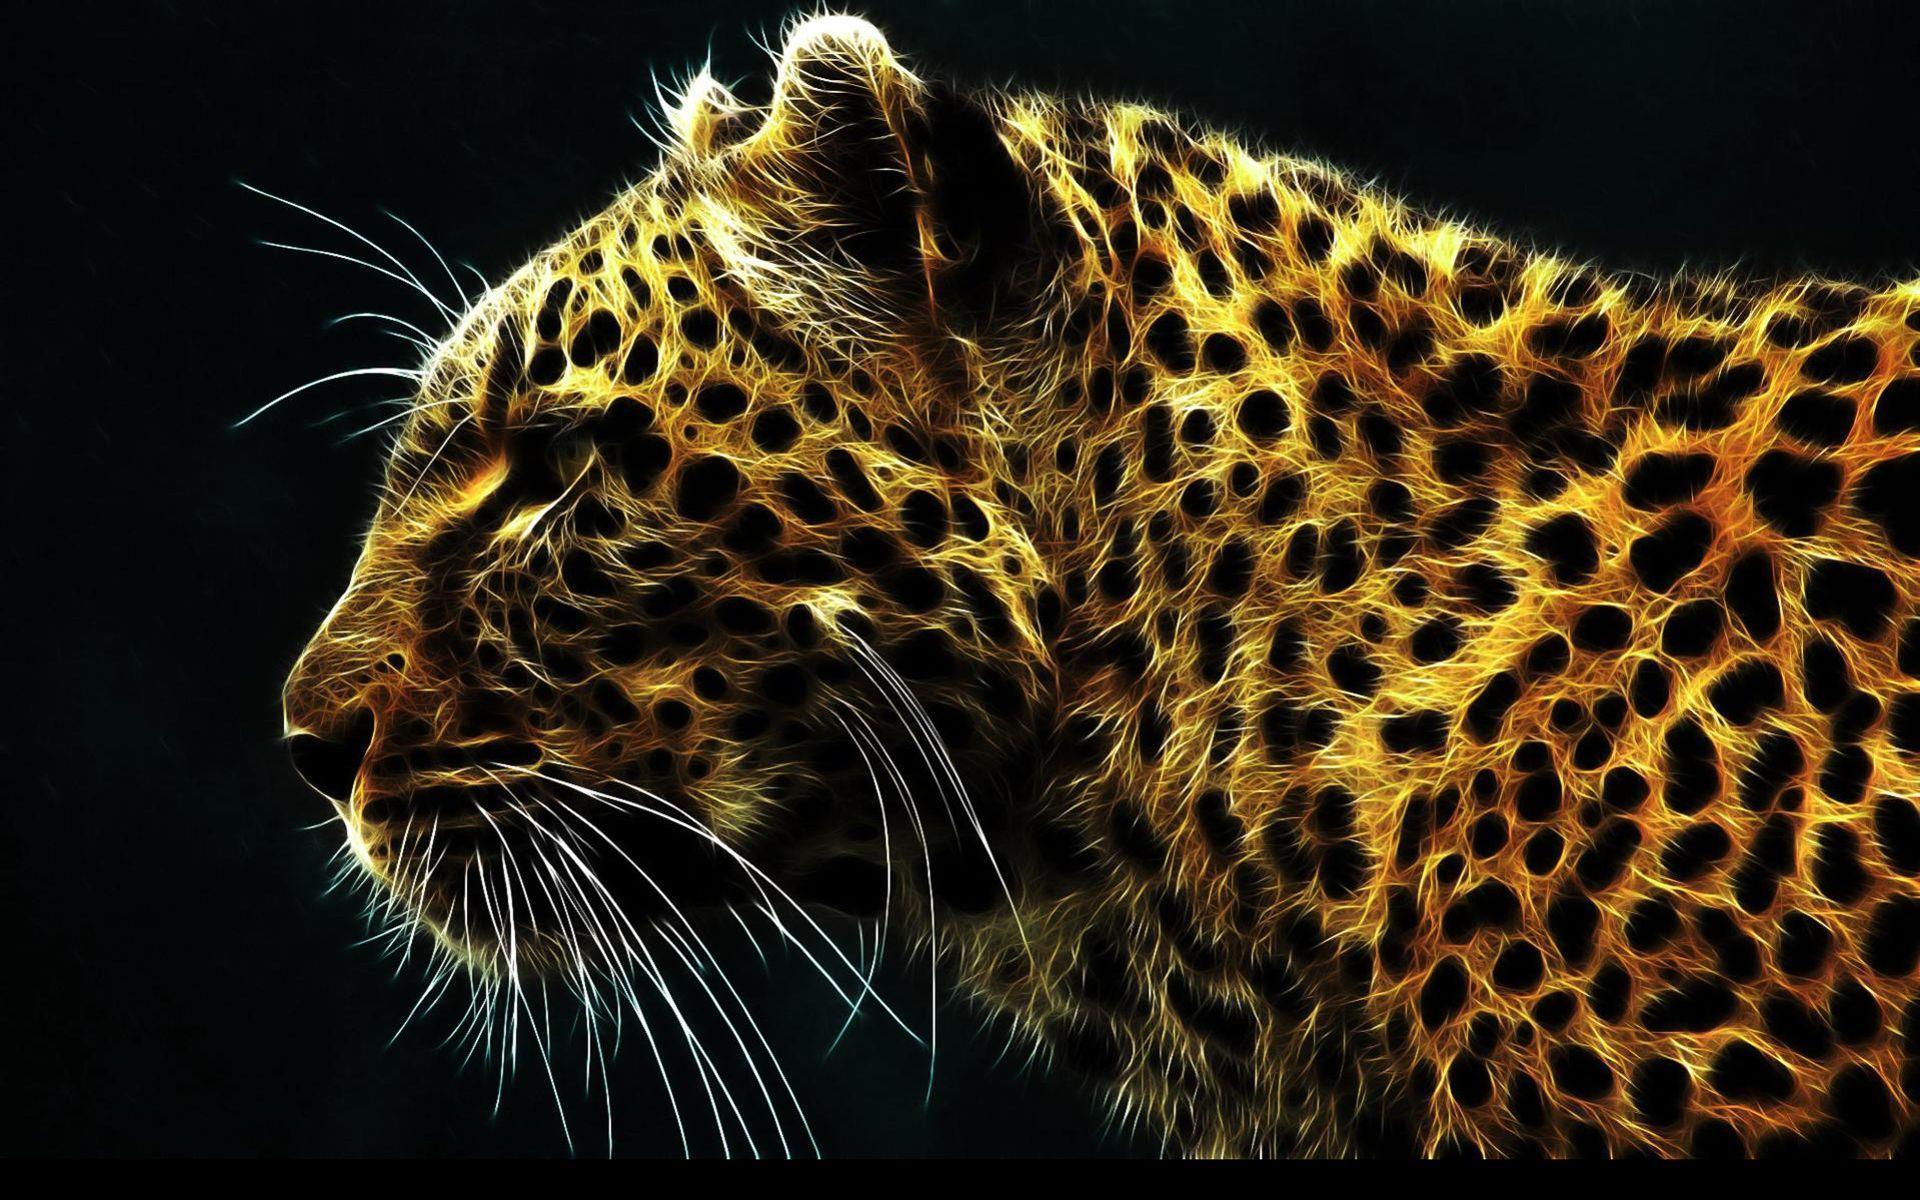 Jaguar Wallpaper, PC 34 Jaguar Pictures, LL.GL Backgrounds Collection